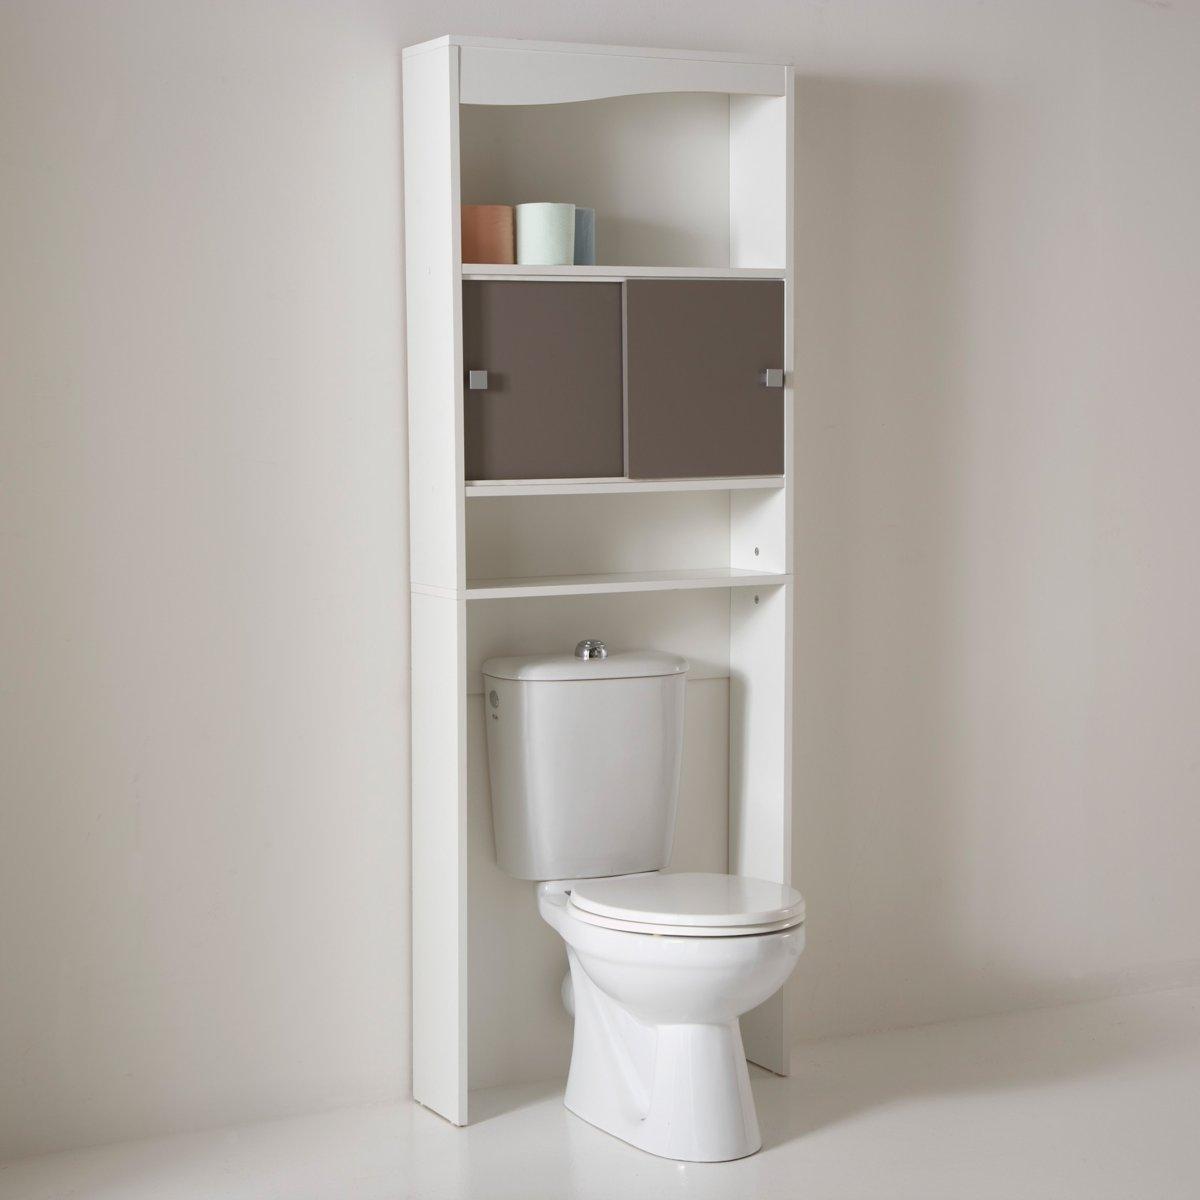 Полканад туалетомRoselbaПолка над туалетом или стиральной машинойRoselba устанавливается над туалетом или стиральной машиной для создания места для хранения, ощутимое в этом небольшом пространстве. Описание этажерки Roselba:- 3 ниши,1 из них закрывается на выдвижную дверцуОткройте для себя другие модели коллекции  Roselba на сайте laredoute.ru.Характеристики этажерки Roselba:-Отдельные панели, покрытые меланимом,толщиной 16 ммРазмеры этажерки Roselba:Общие :Длина 64 смВысота 178 смГлубина  16 смВнутренние размеры :Верхняя ниша 61 x 34,2 смНиша с дверцей61 x 34,2 см Нижняя ниша   61 x 15,3 смРазмеры и вес ящика : - Размер : 92,2 x 144,2 x 11,7 см.- Вес : 15 кг.Доставка :Поставляется в разобранном виде . Возможна доставка до квартиры !Внимание ! Убедитесь, что посылку возможно доставить на дом, учитывая ее габариты.<br><br>Цвет: белый/ серо-коричневый